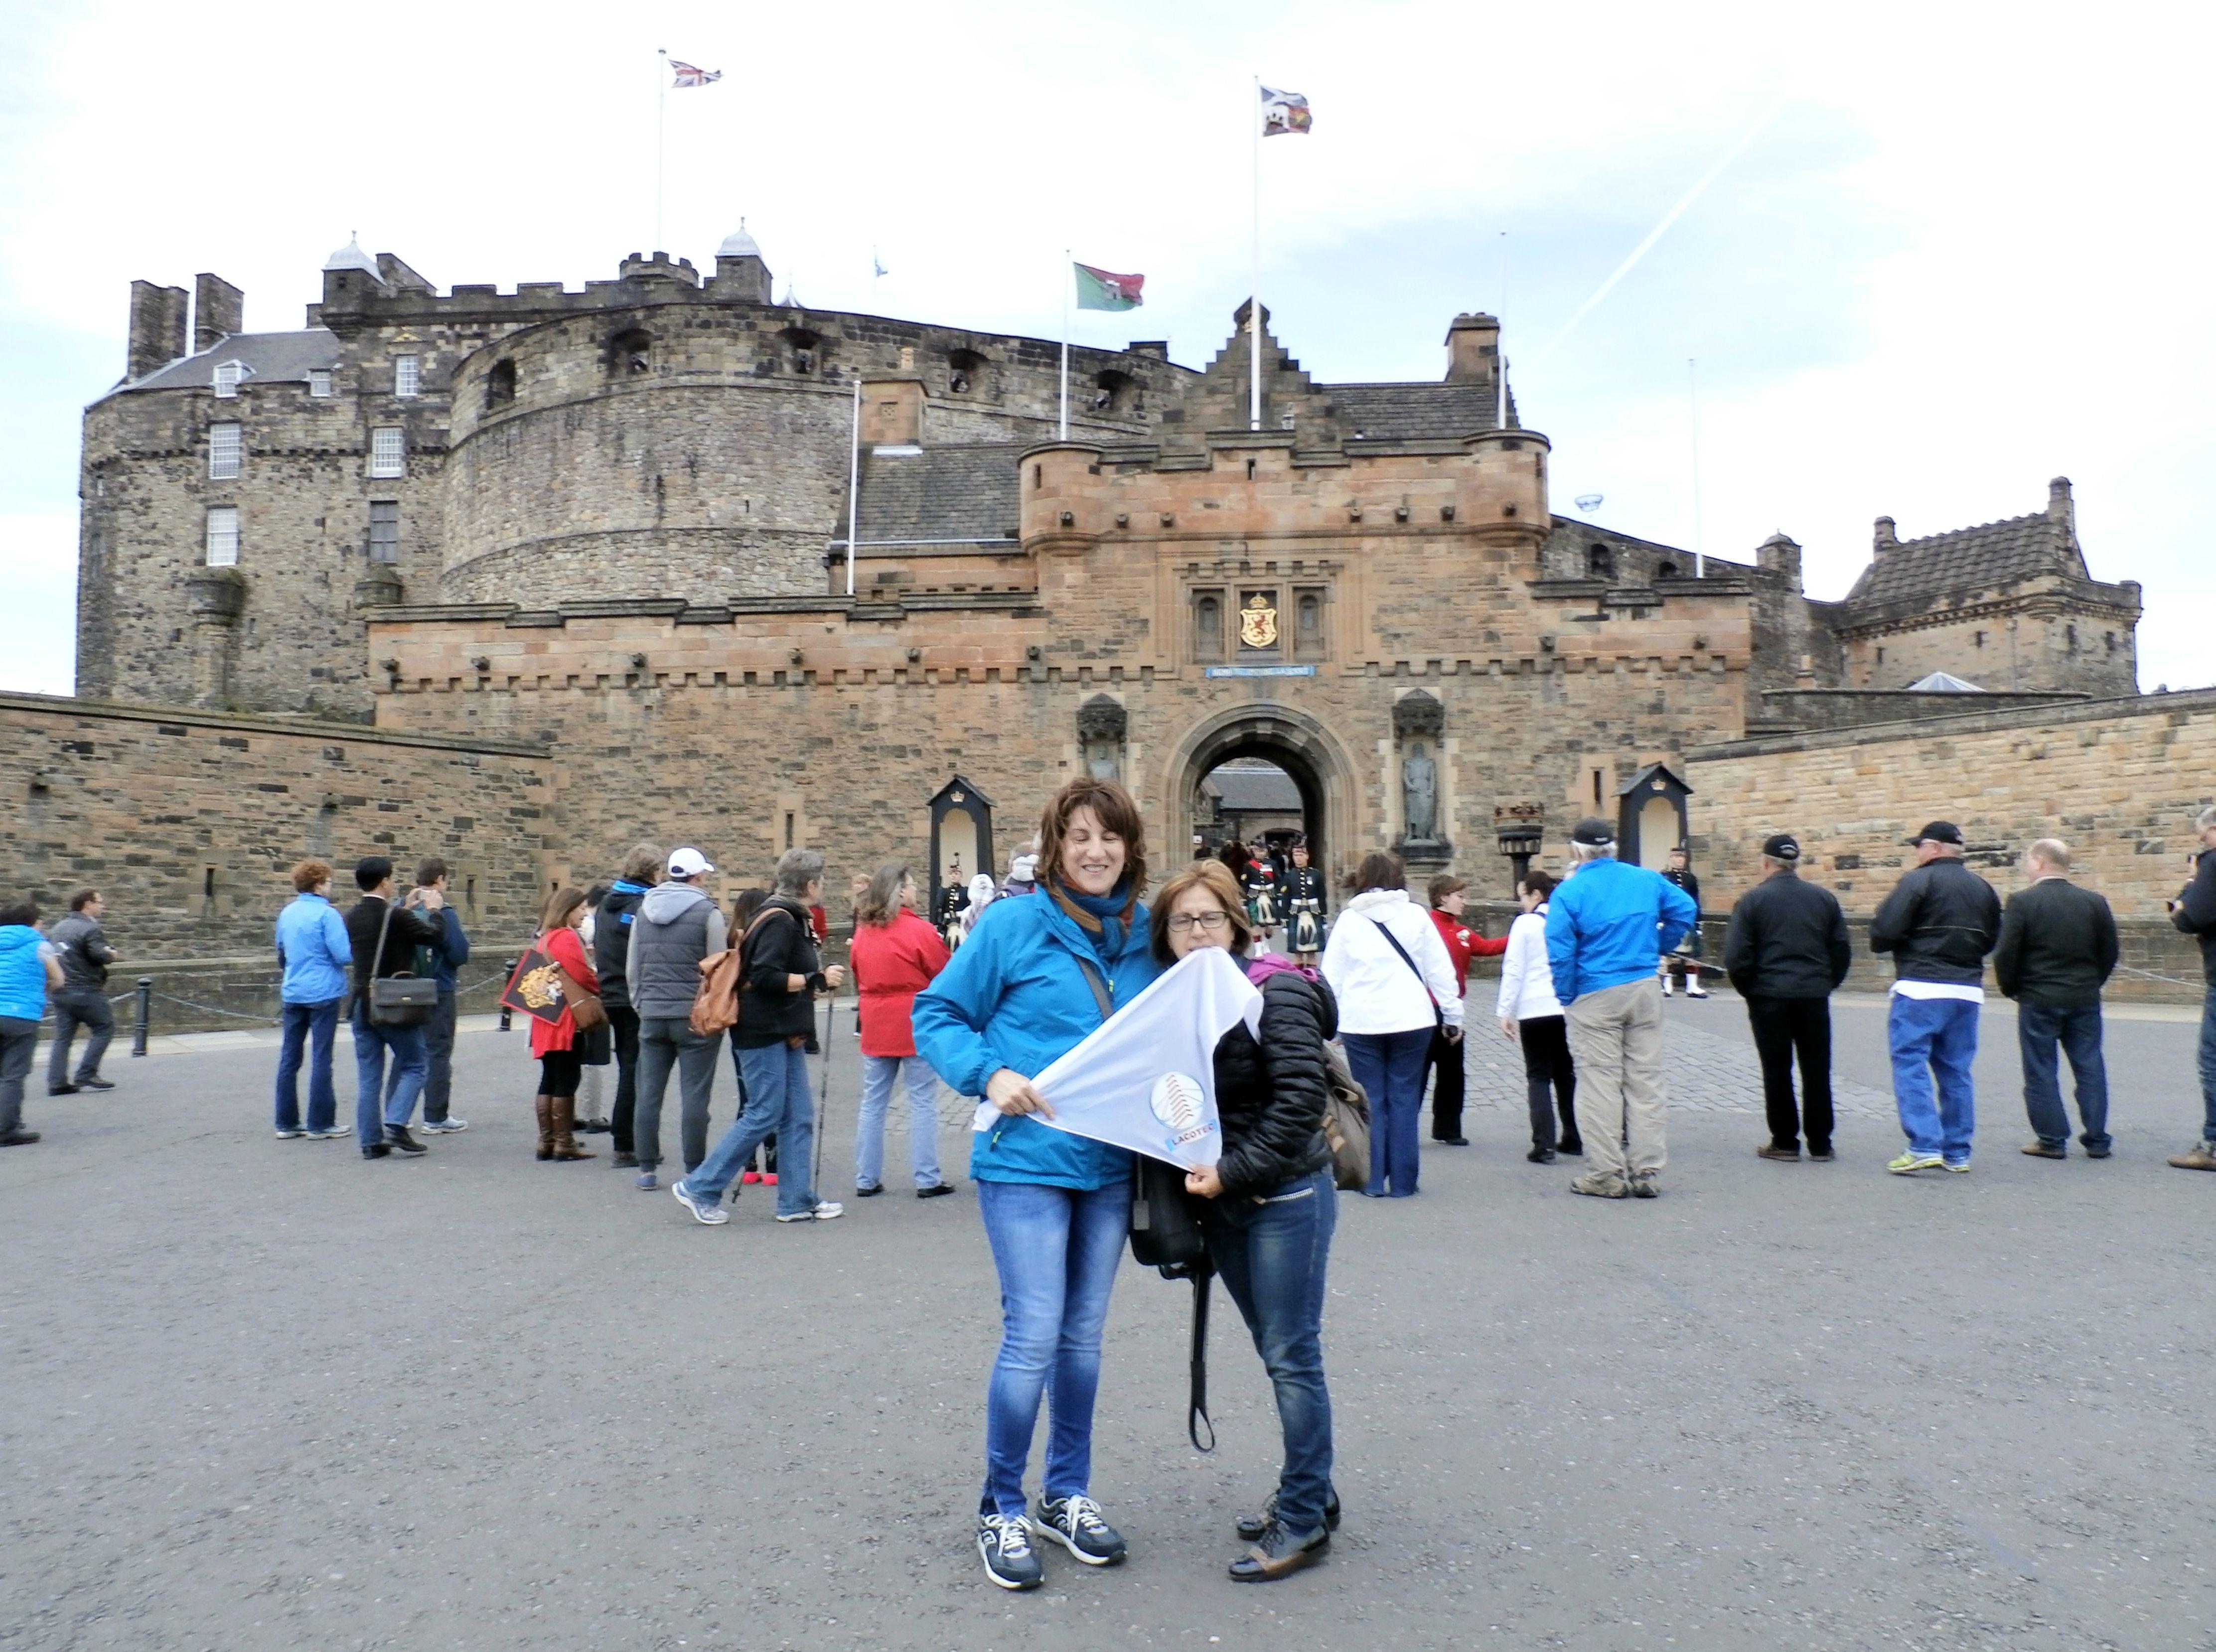 LACOTEC en Escocia: El castillo de Edimburgo es una antigua fortaleza erigida sobre una roca de origen volcánico ubicada en el centro de la ciudad de Edimburgo. Ha sido utilizado con fines de tipo militar desde el siglo XII, siendo destinado a usos civiles solo hasta épocas muy recientes. Antaño hubo un lago en su lado norte, lago llamado Nor'Loch, que fue desecado en época georgiana con la construcción de la ciudad nueva.